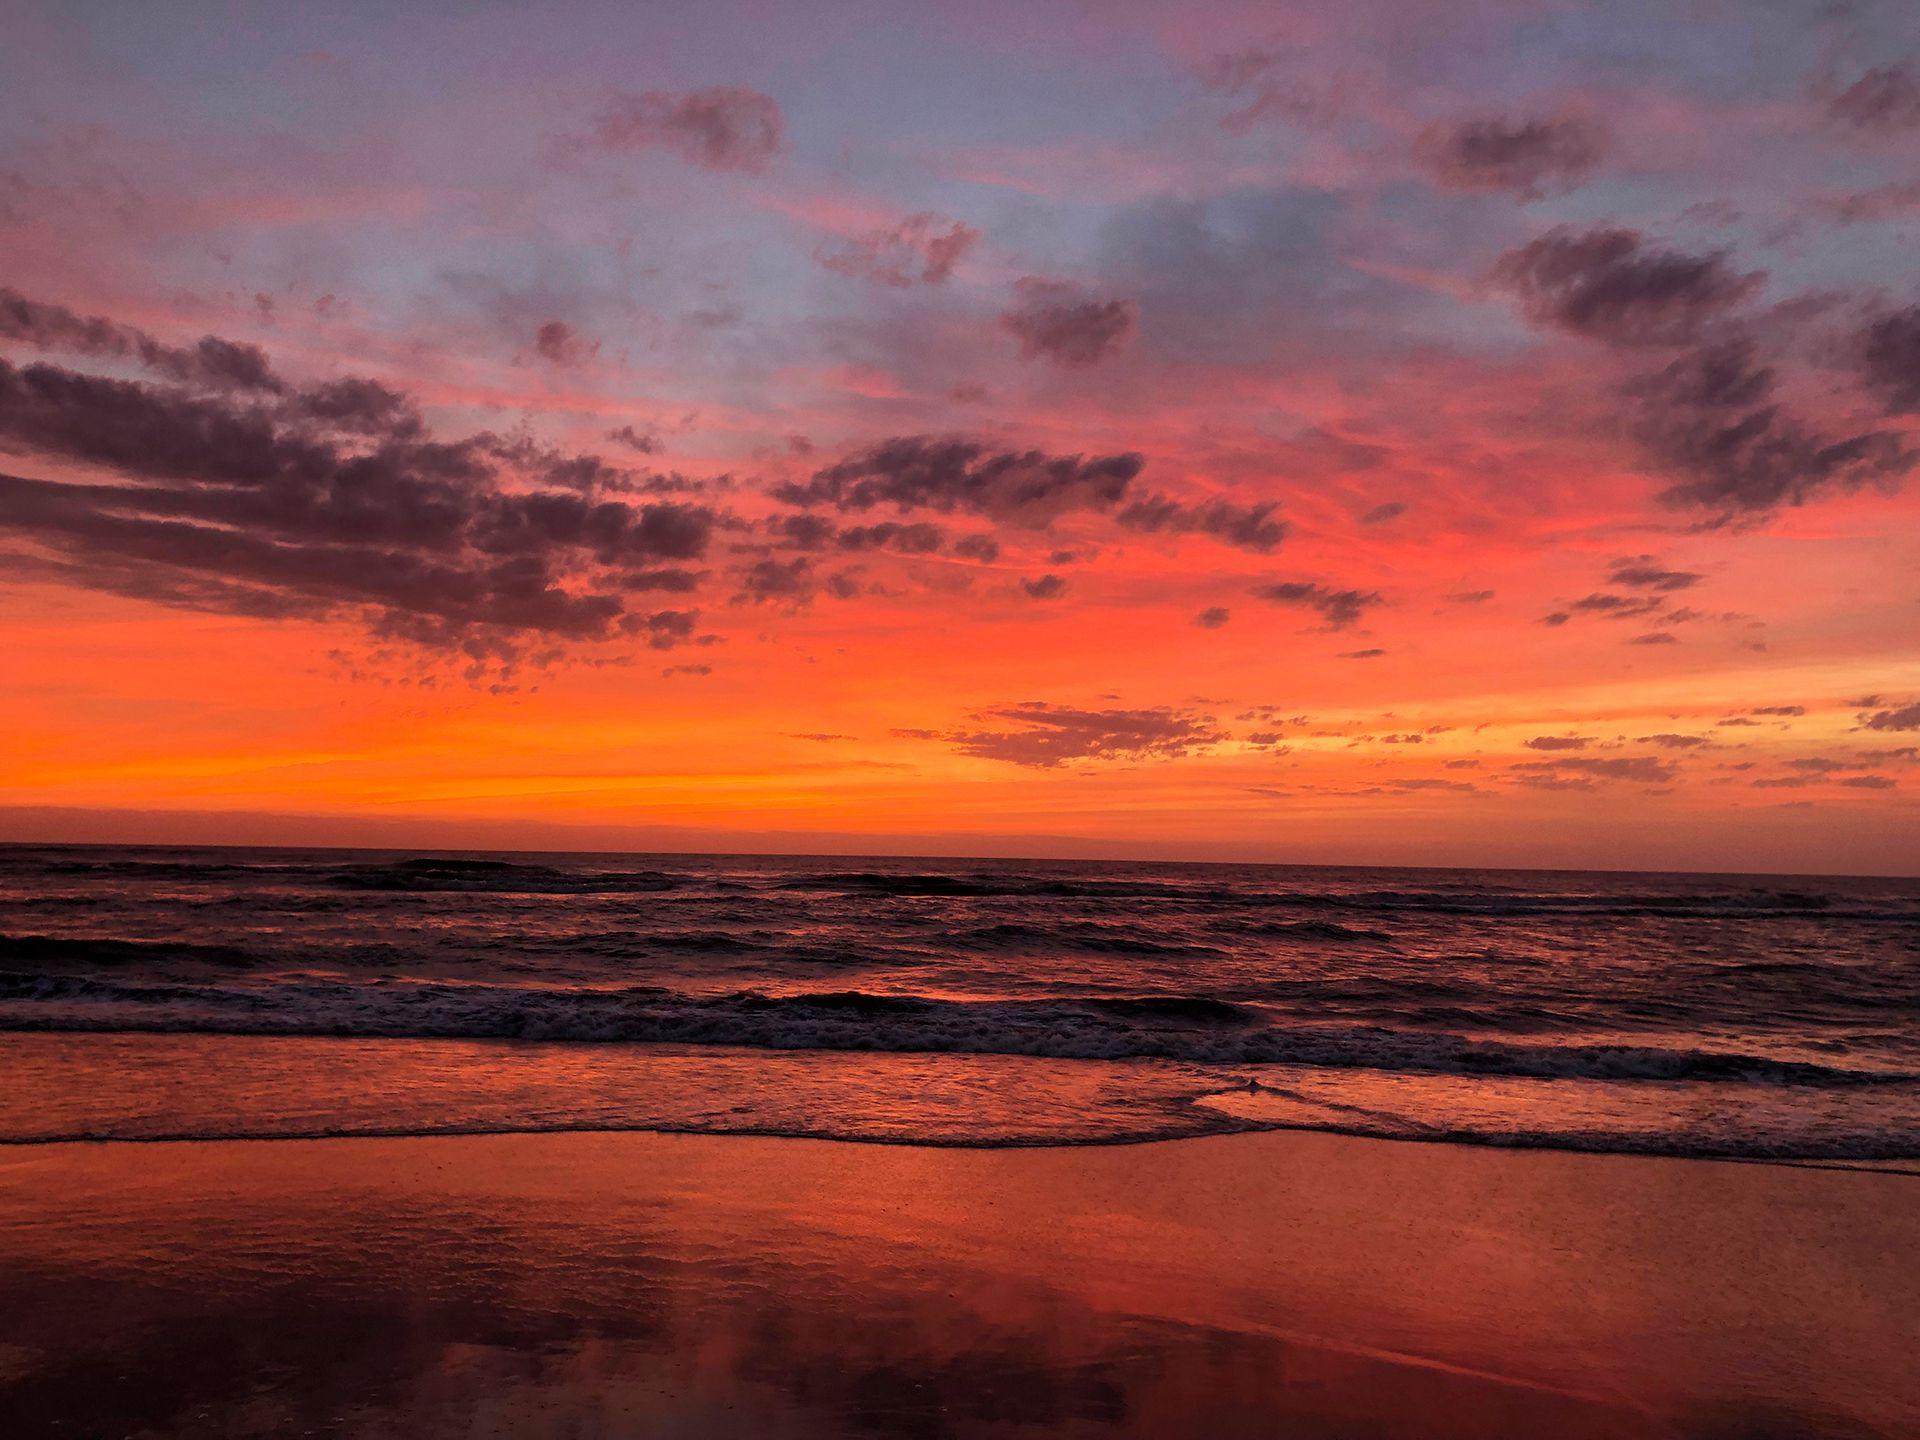 La opción de Cariló significa una extraordinaria oportunidad para alejarse unos días de la rutina y disfrutar de la playa, además de un buen hotel con spa incluido (Shutterstock)